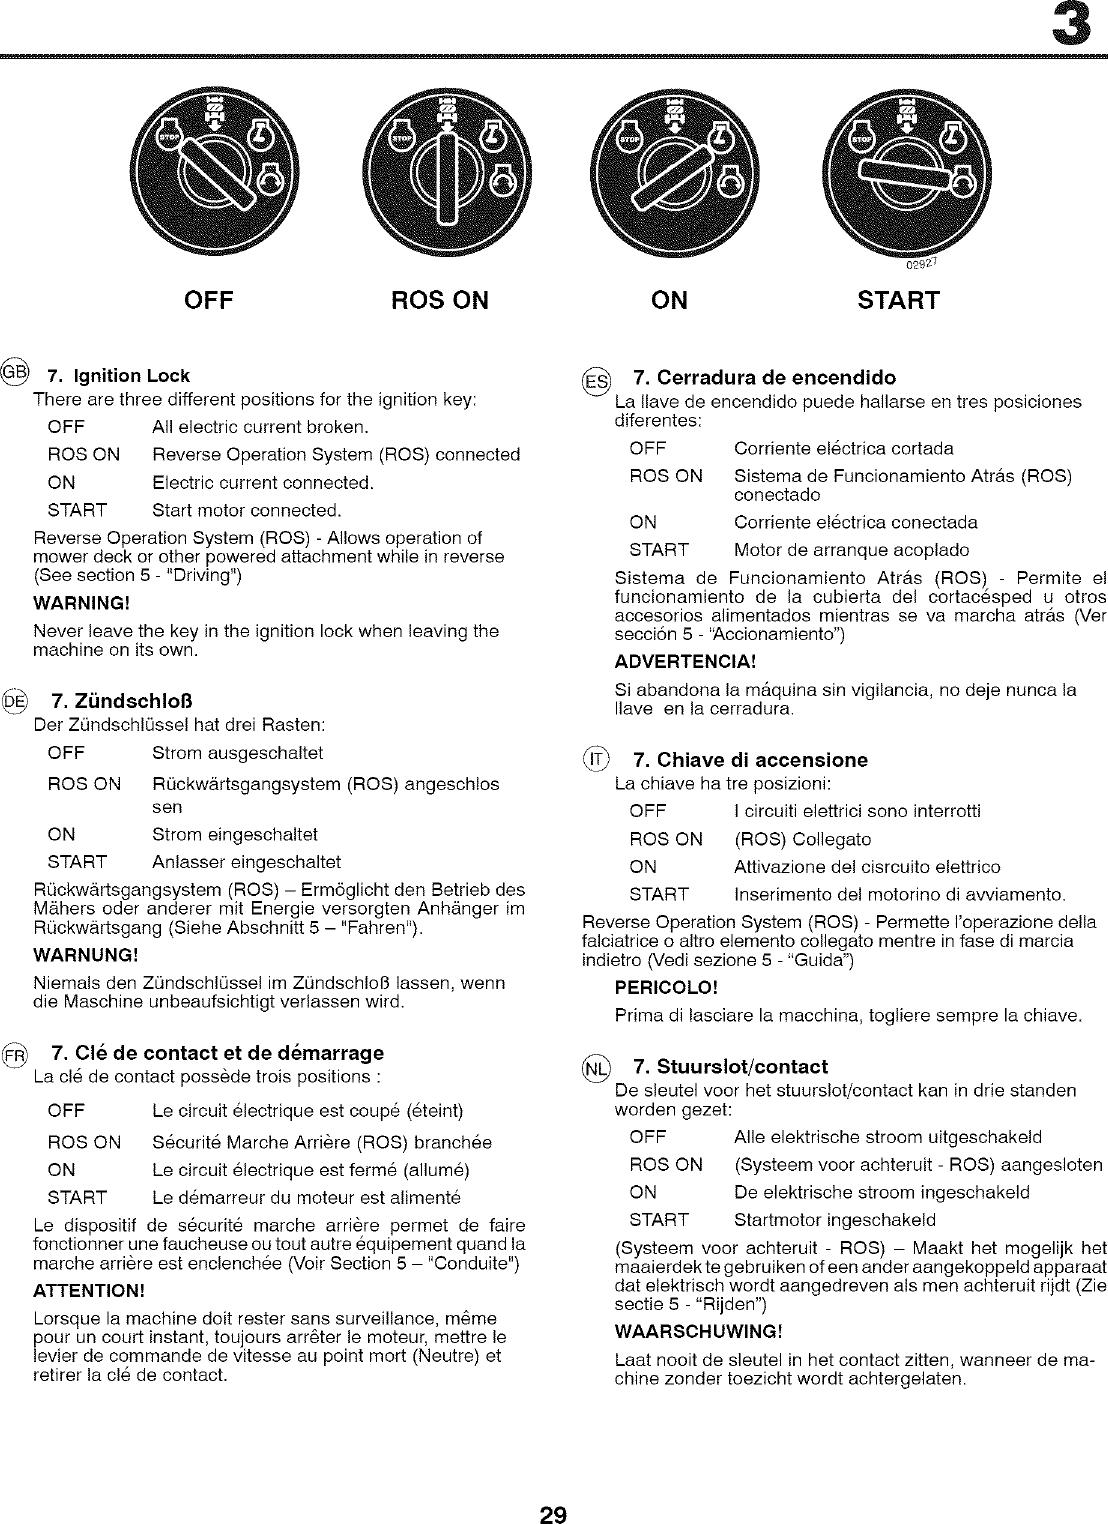 Berühmt Drahtdiagramm Für Anhängerleuchten Ideen - Der Schaltplan ...